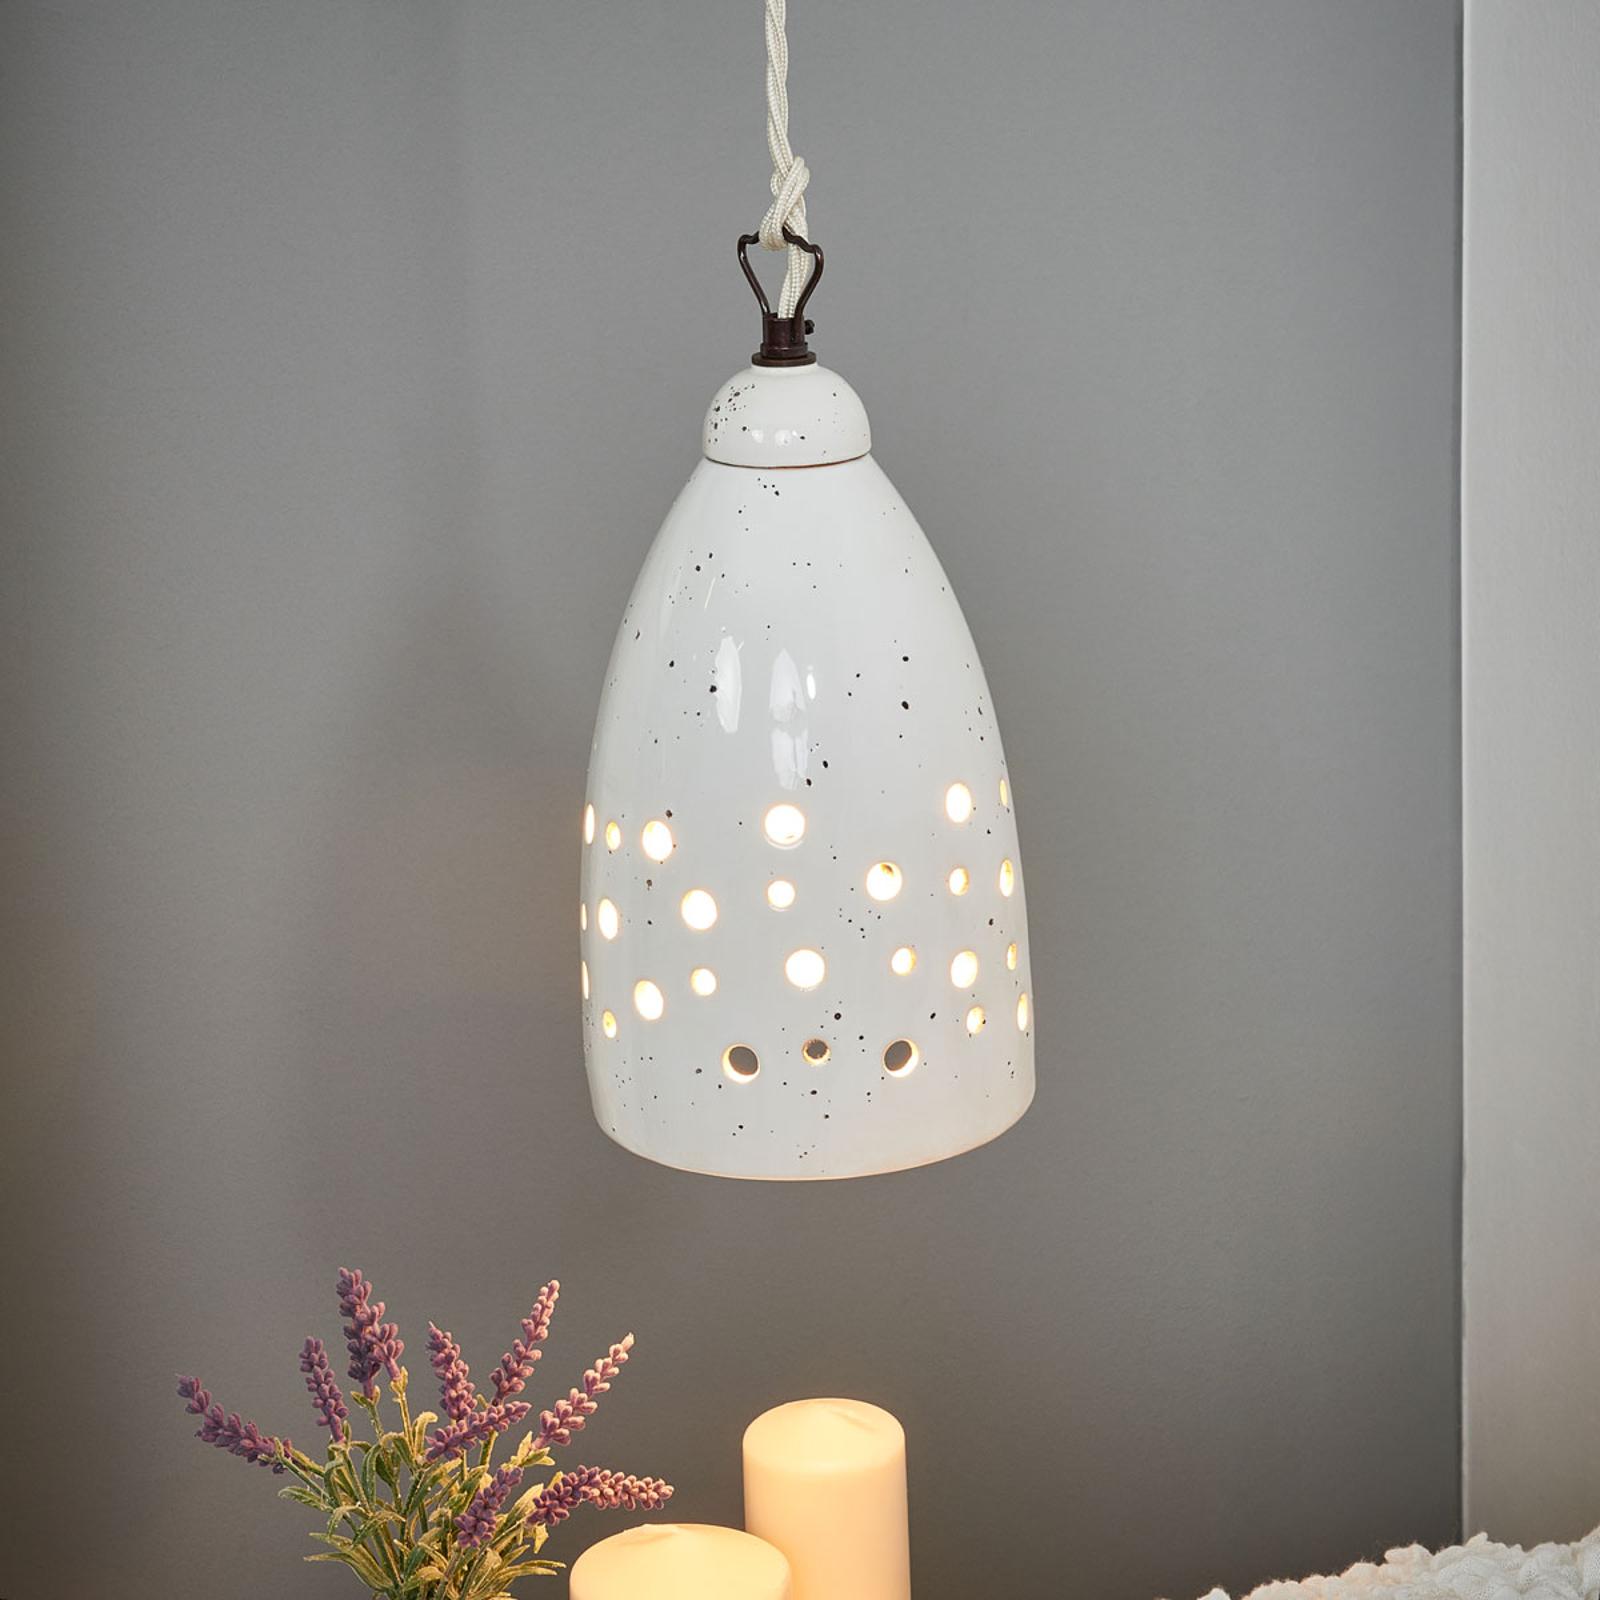 Nadol vyžarujúca závesná lampa Gisella – keramika_3046245_1